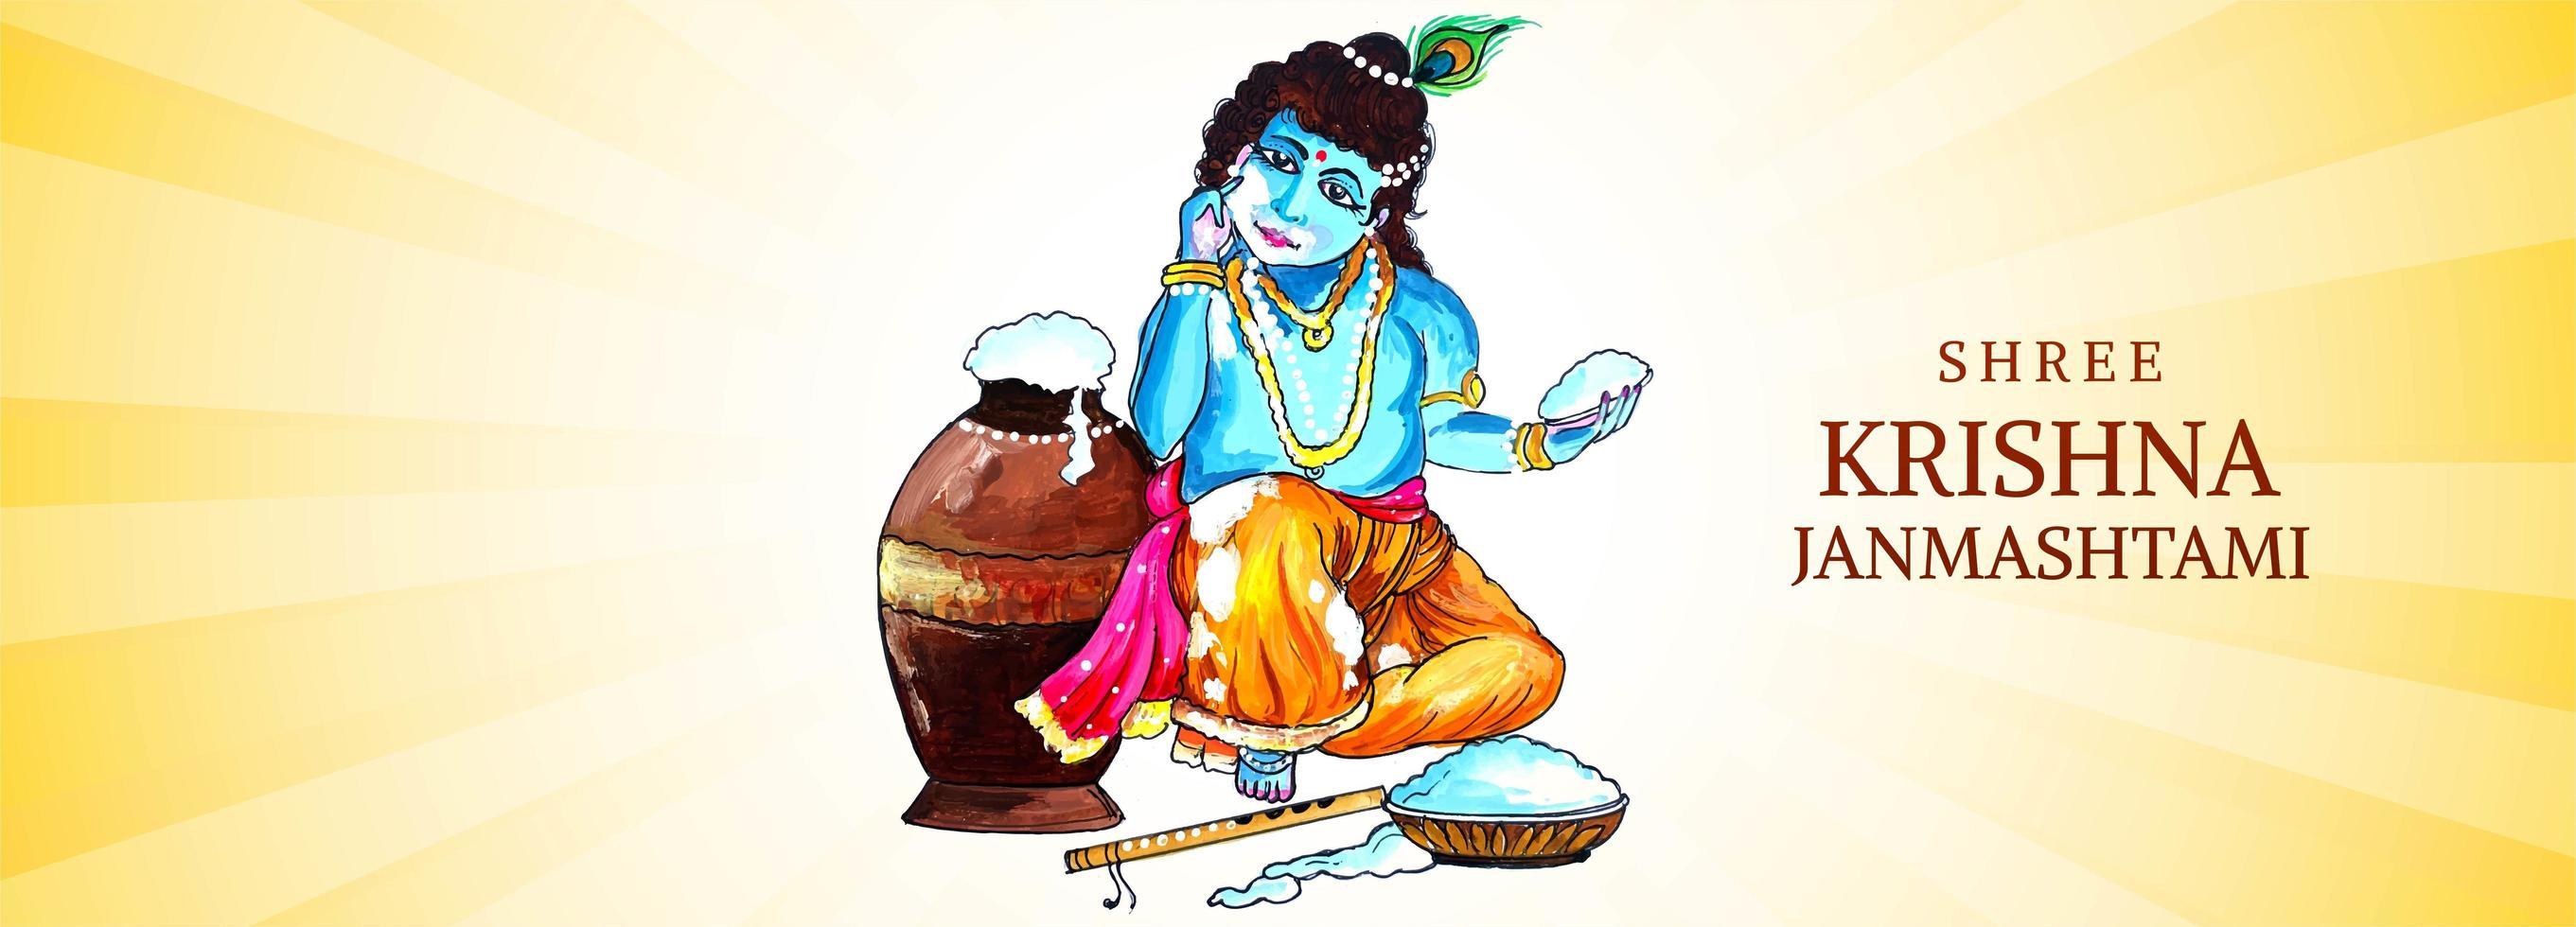 Lord Krishna håller handfull gröt janmashtami banner vektor